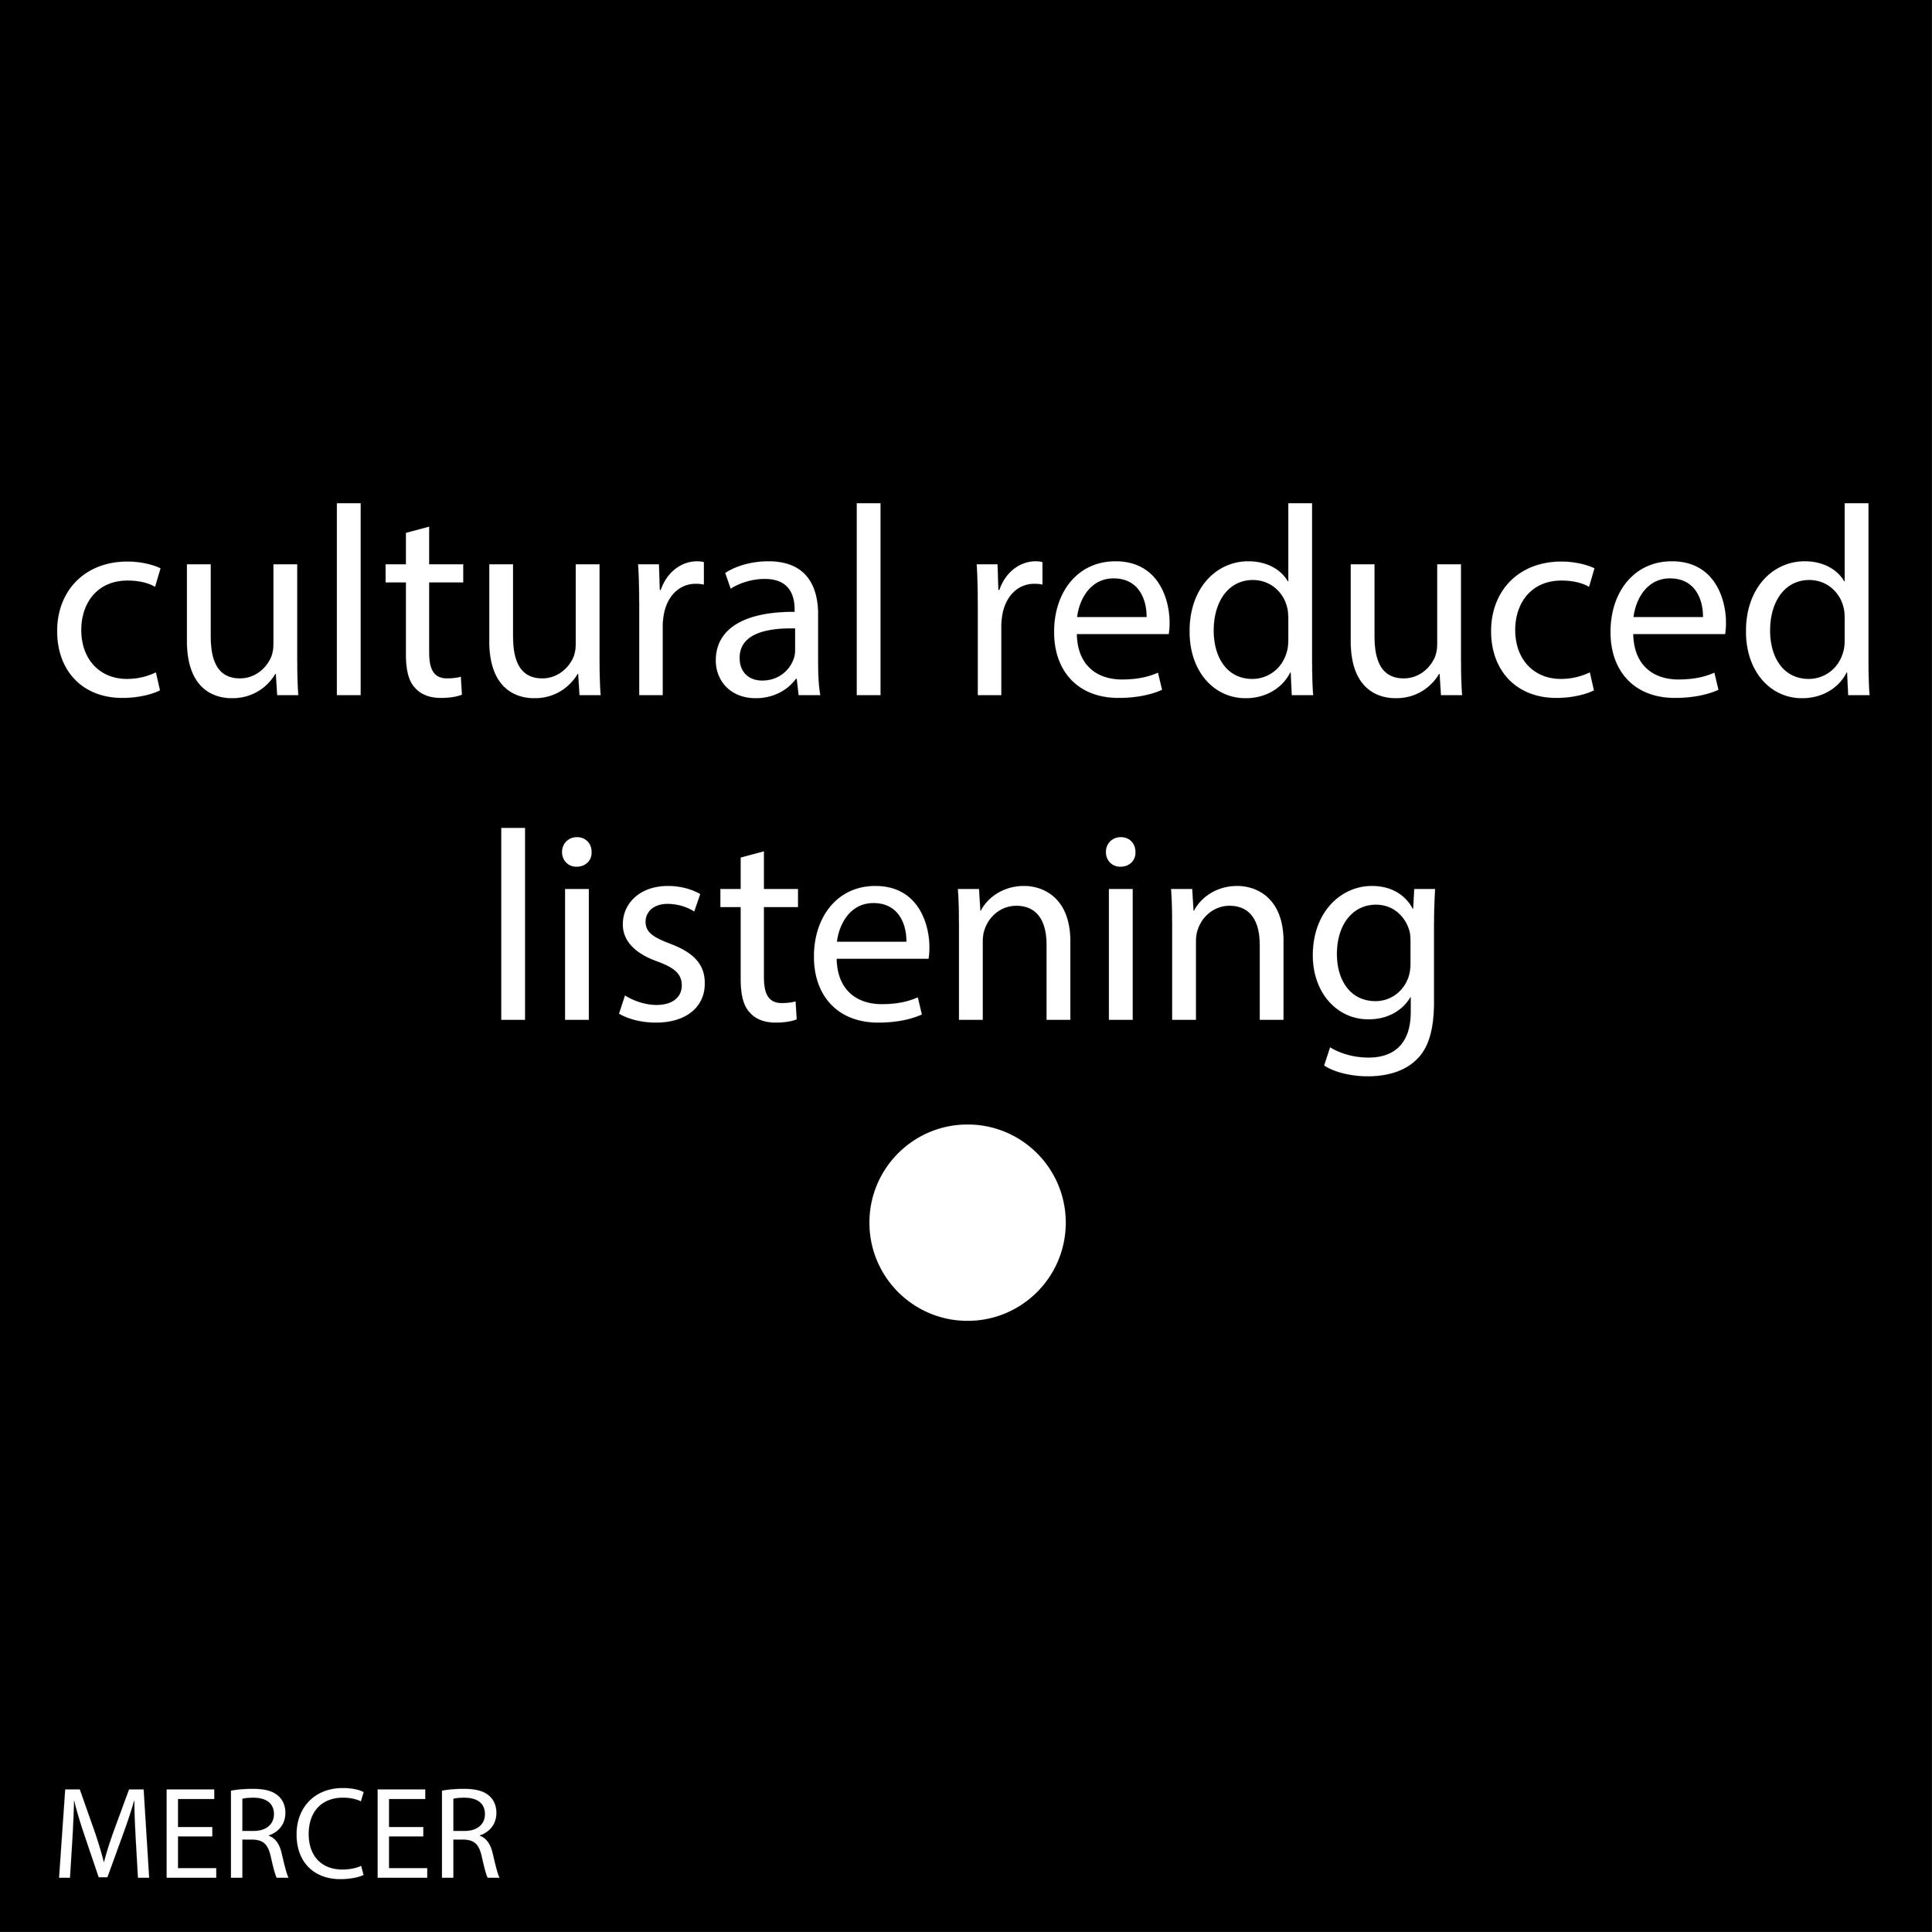 cultural_reduced_listening.jpg